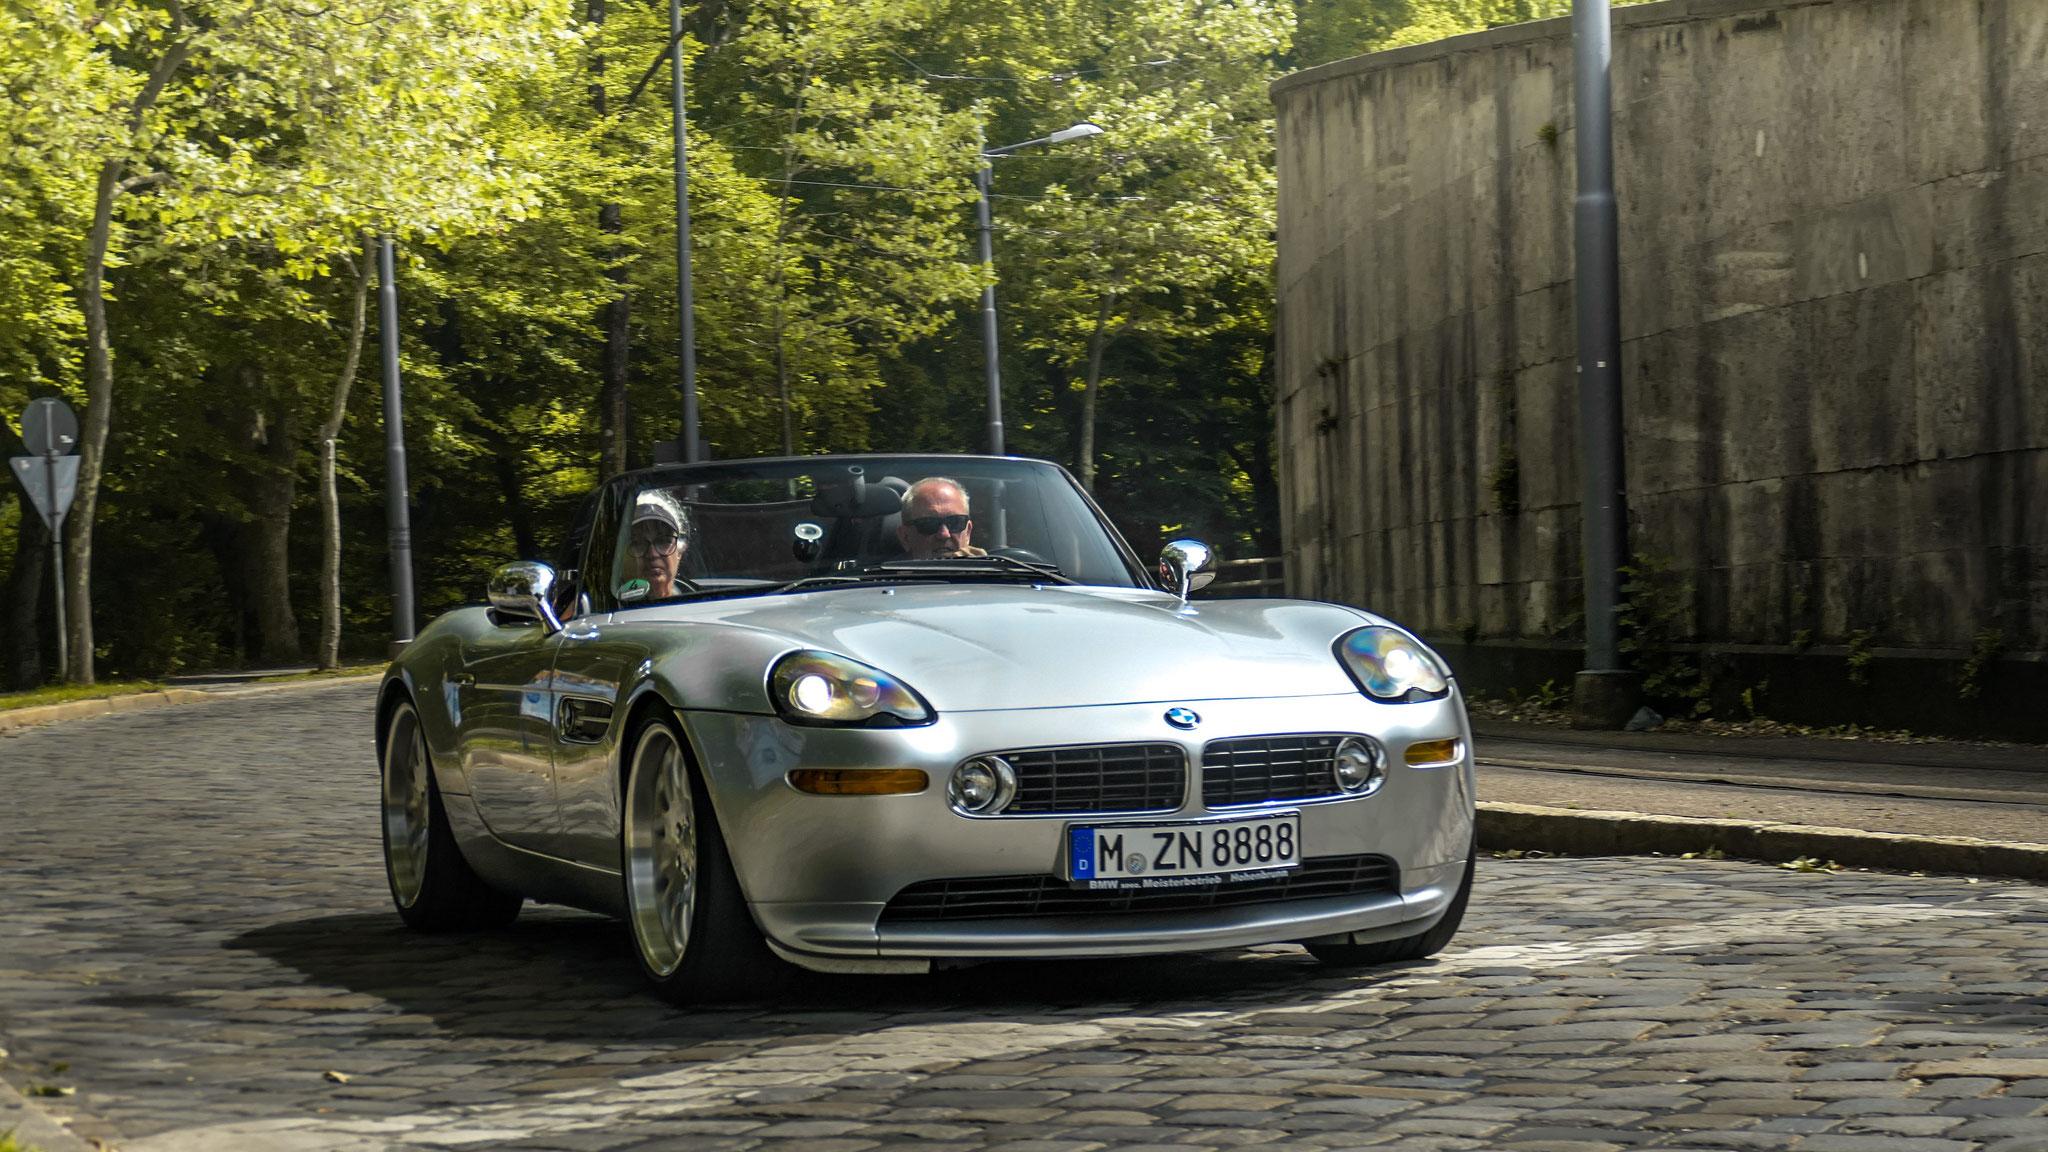 BMW Z8 - M-ZN-8888